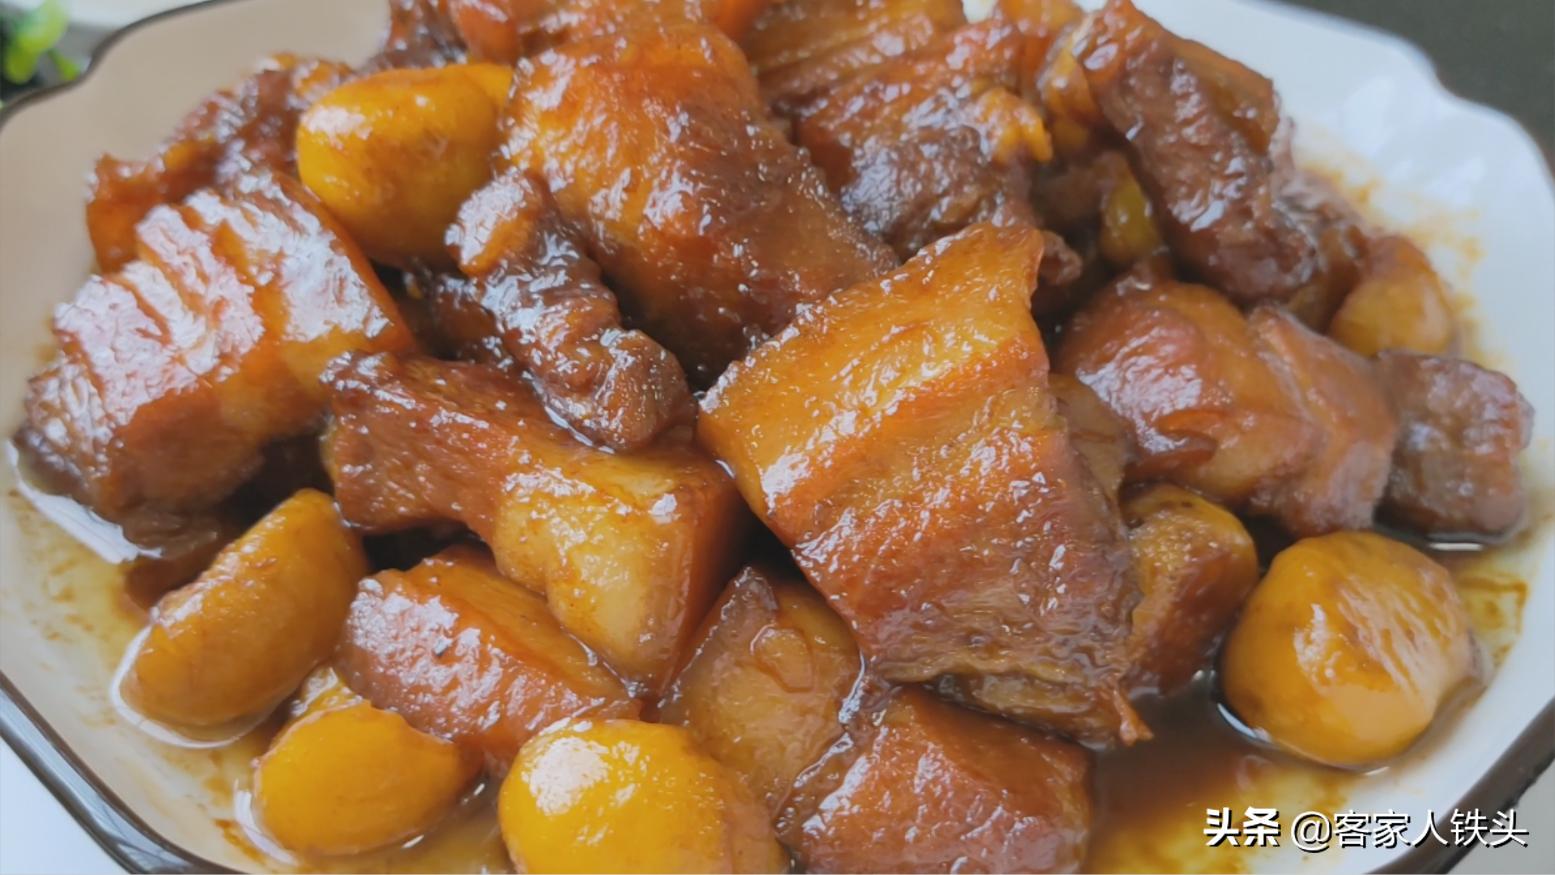 飯店的紅燒肉好吃有訣竅,原來做法這麼簡單,一周吃3次也不膩